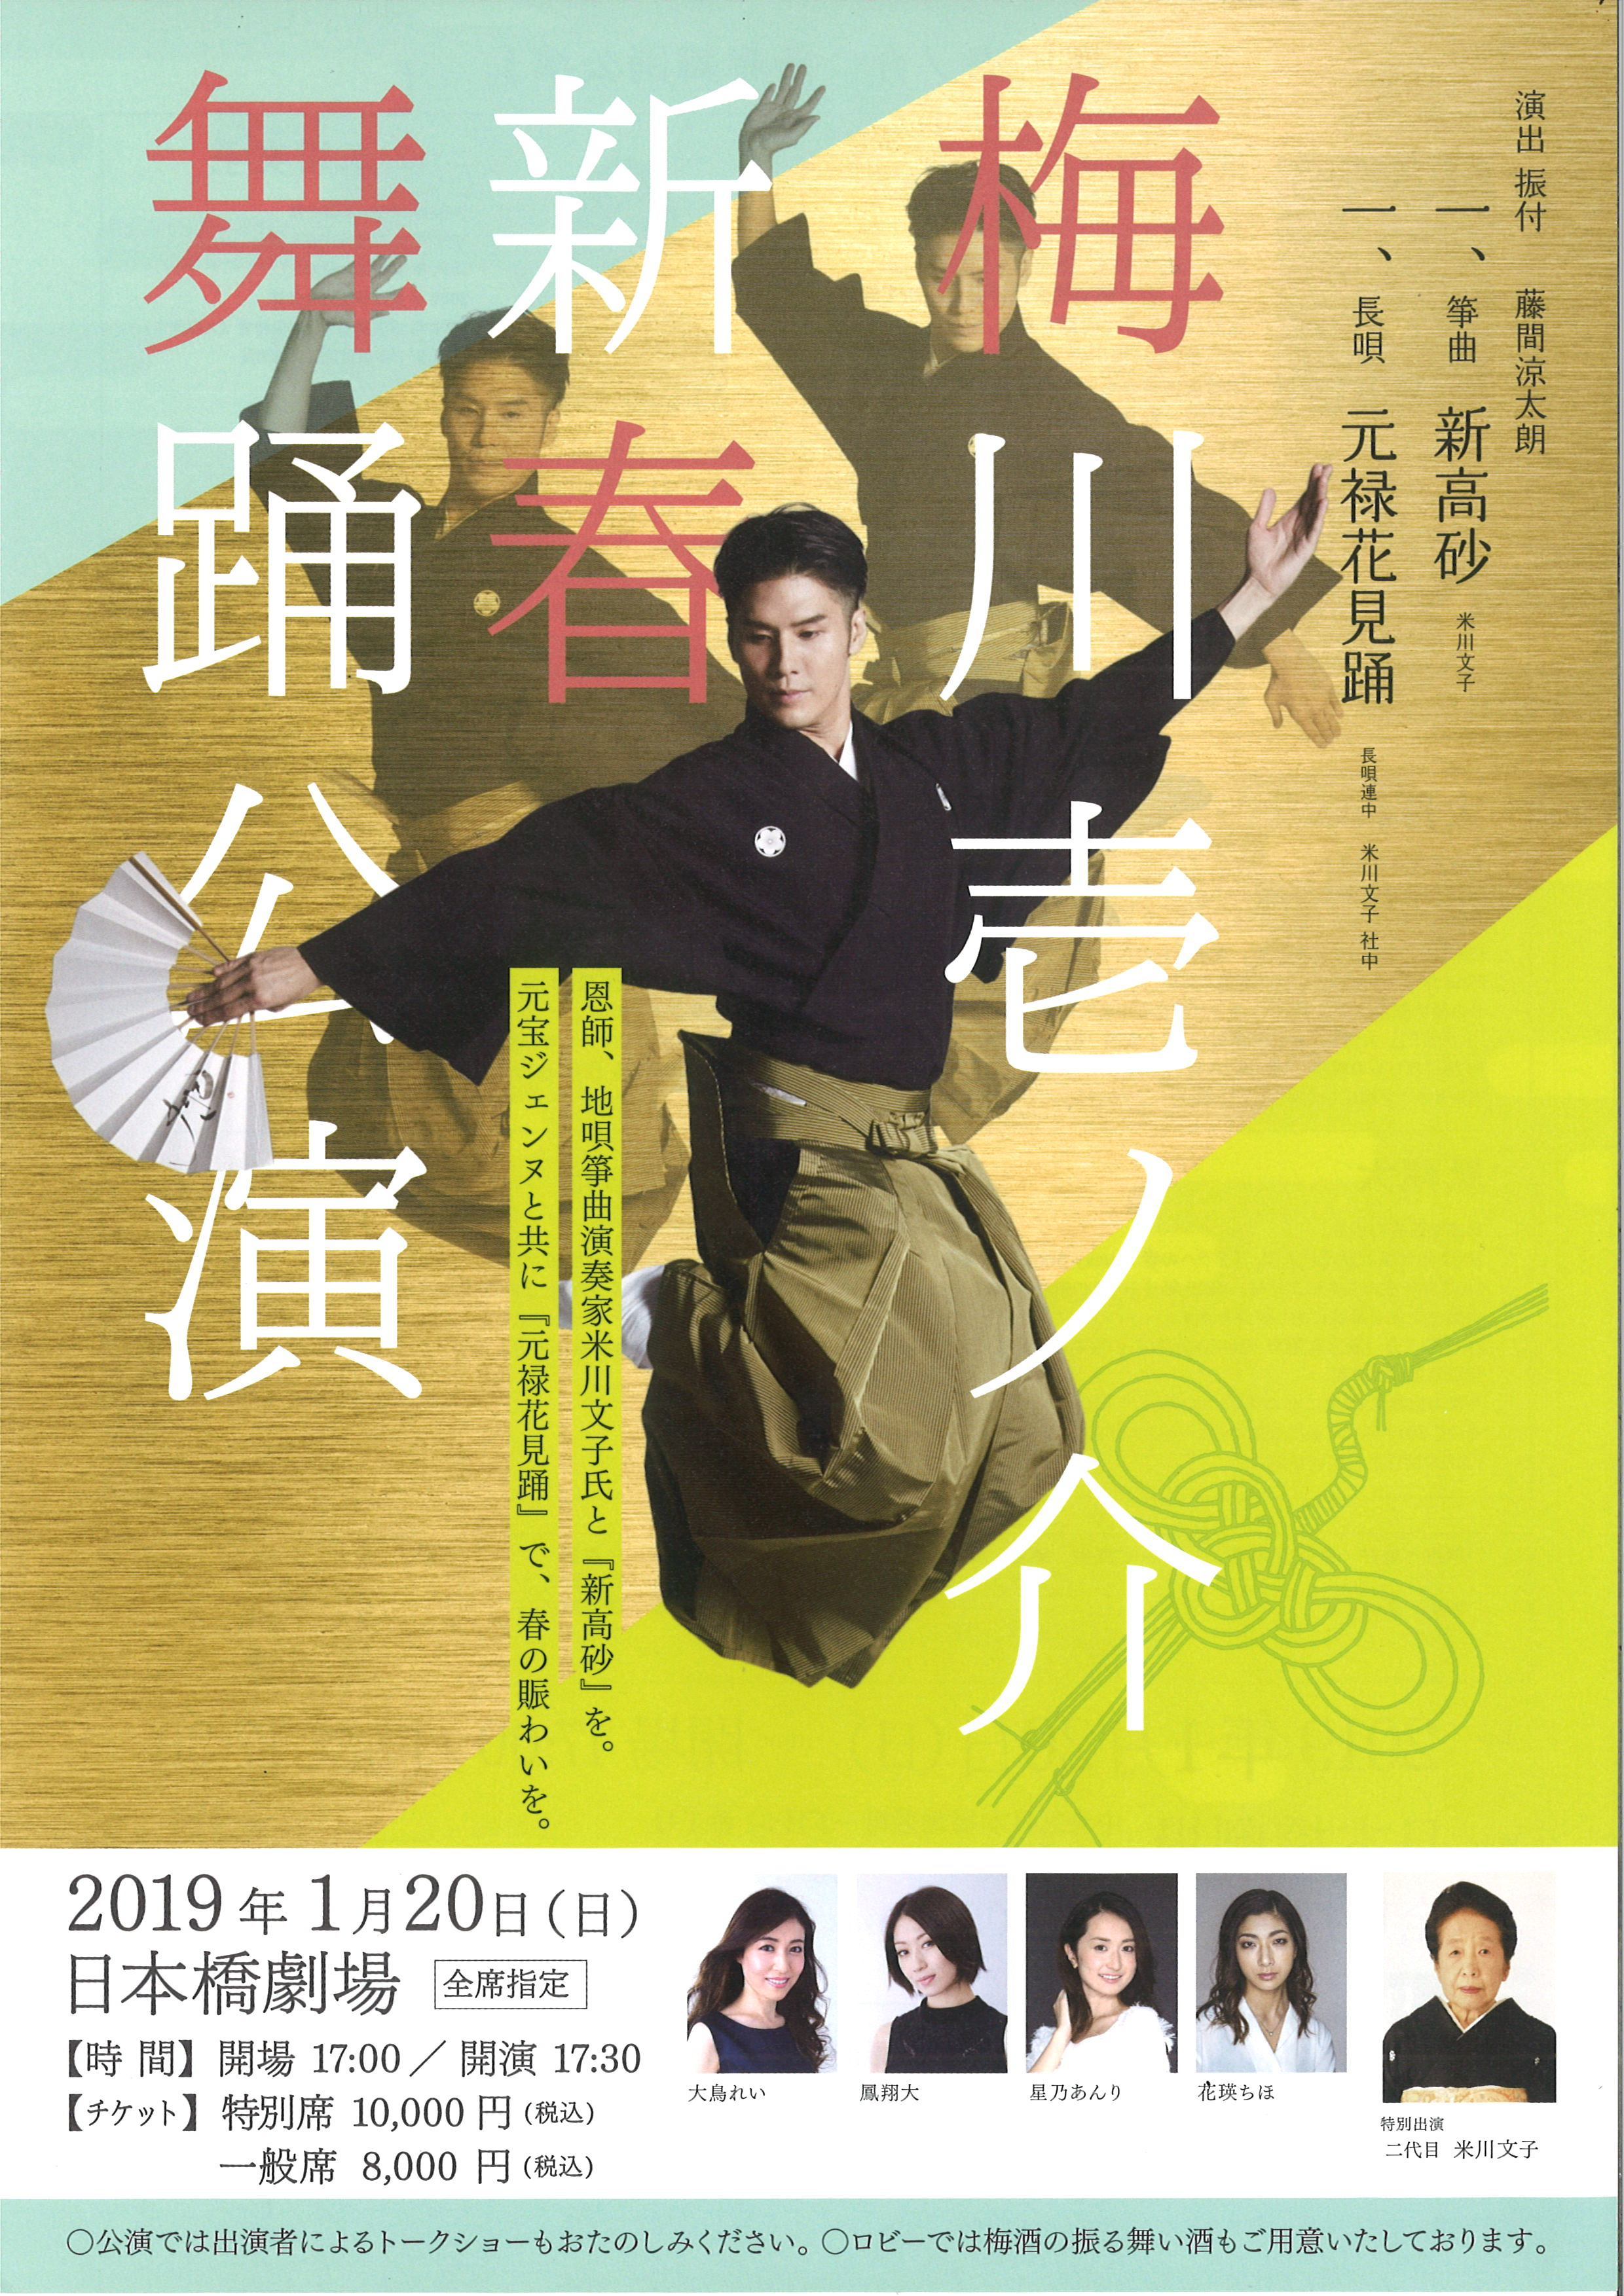 梅川壱ノ介 新春舞踊公演